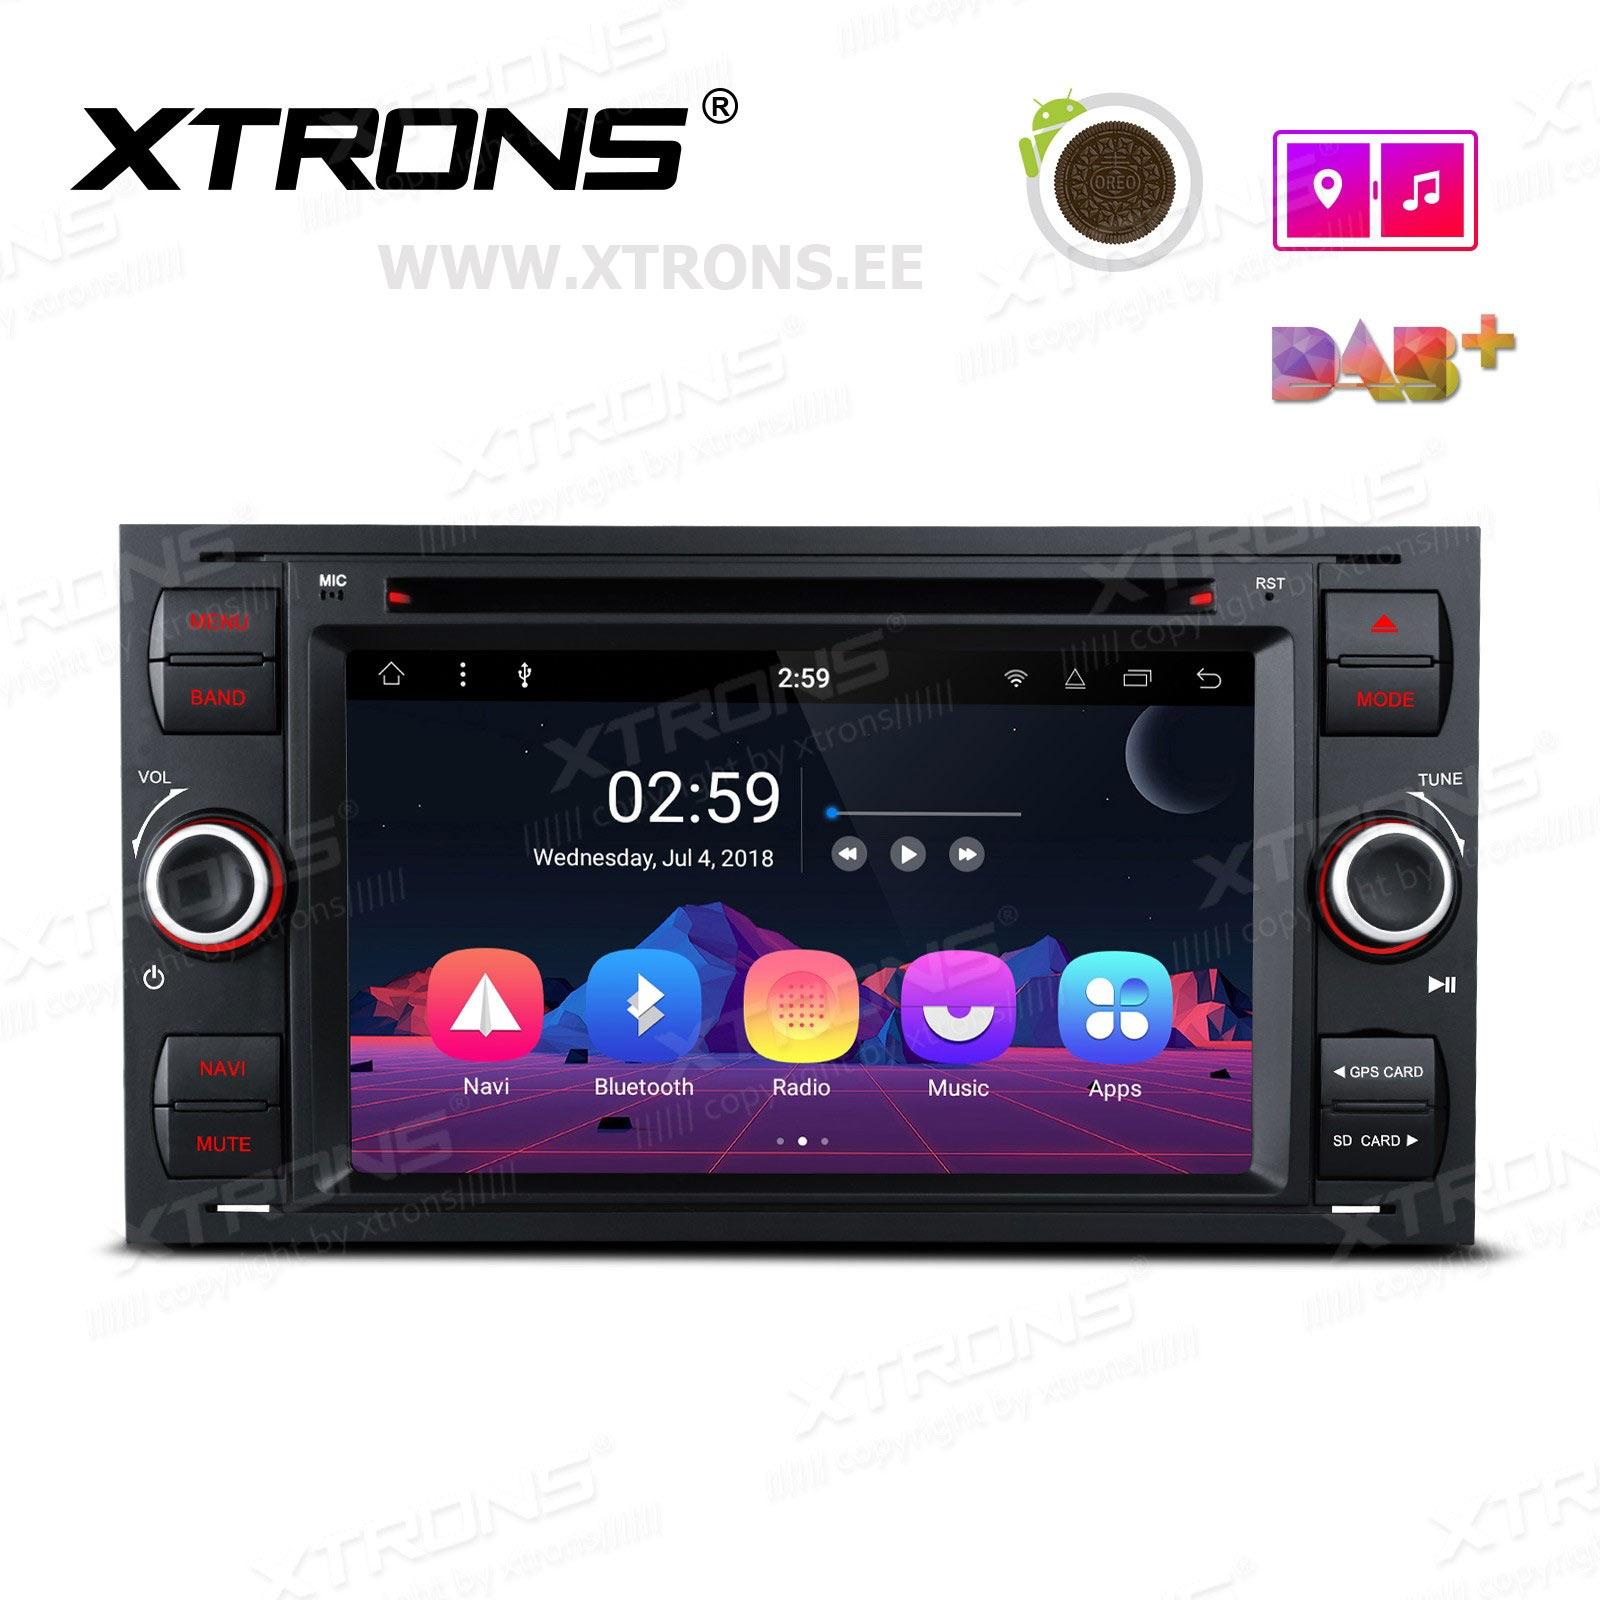 XTRONS PR78QSF-B